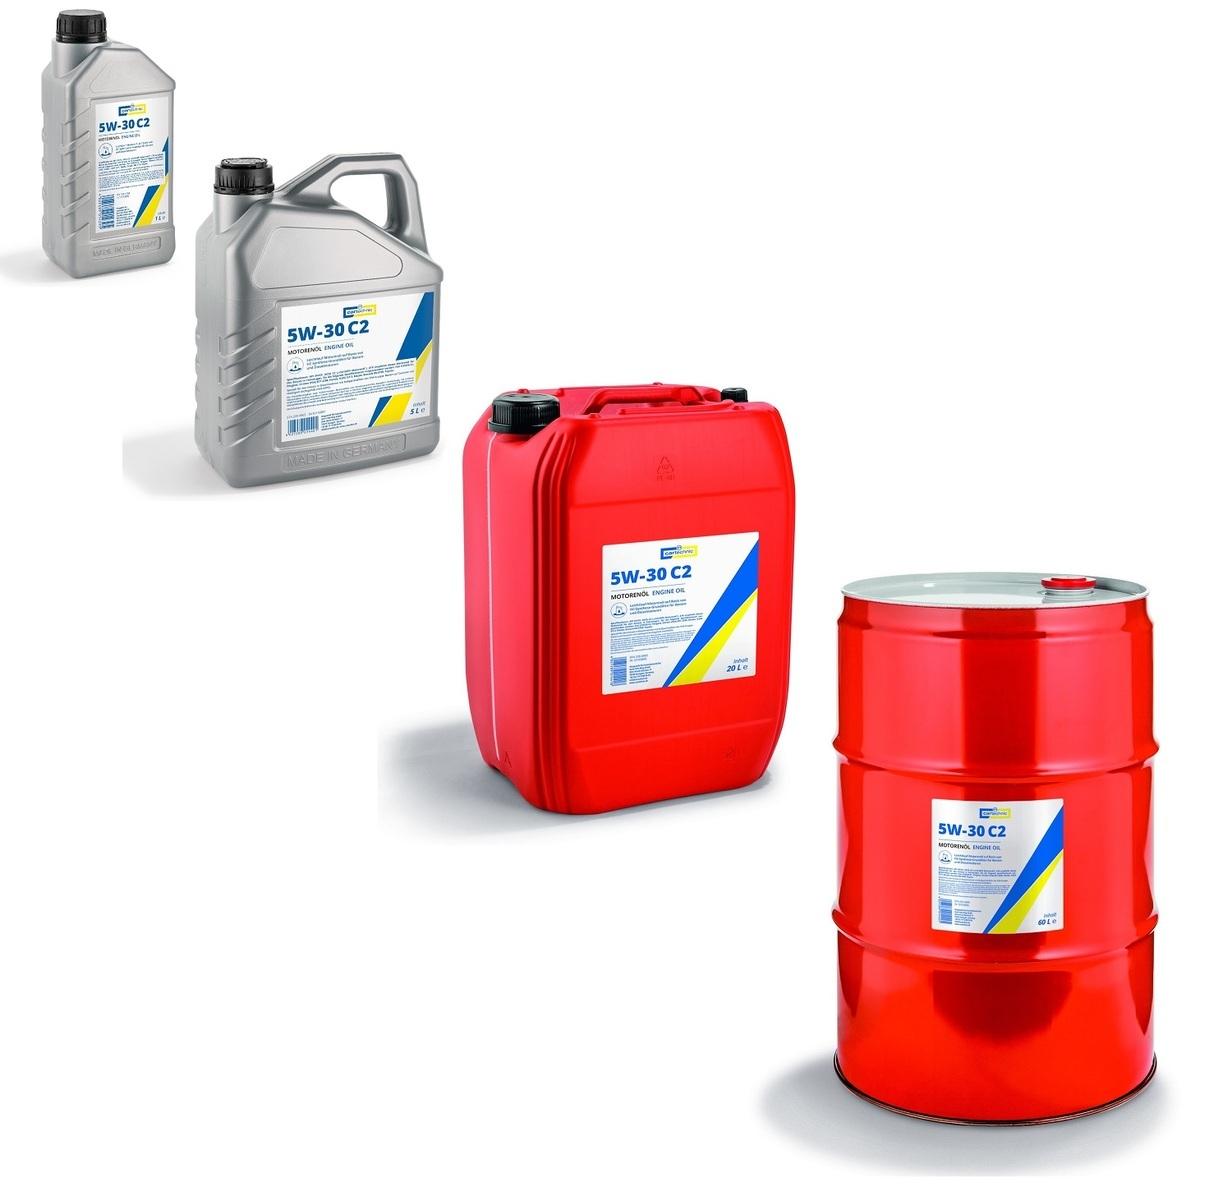 Motorový olej 5W-30 C2, pro koncern PSA, různé objemy - Cartechnic